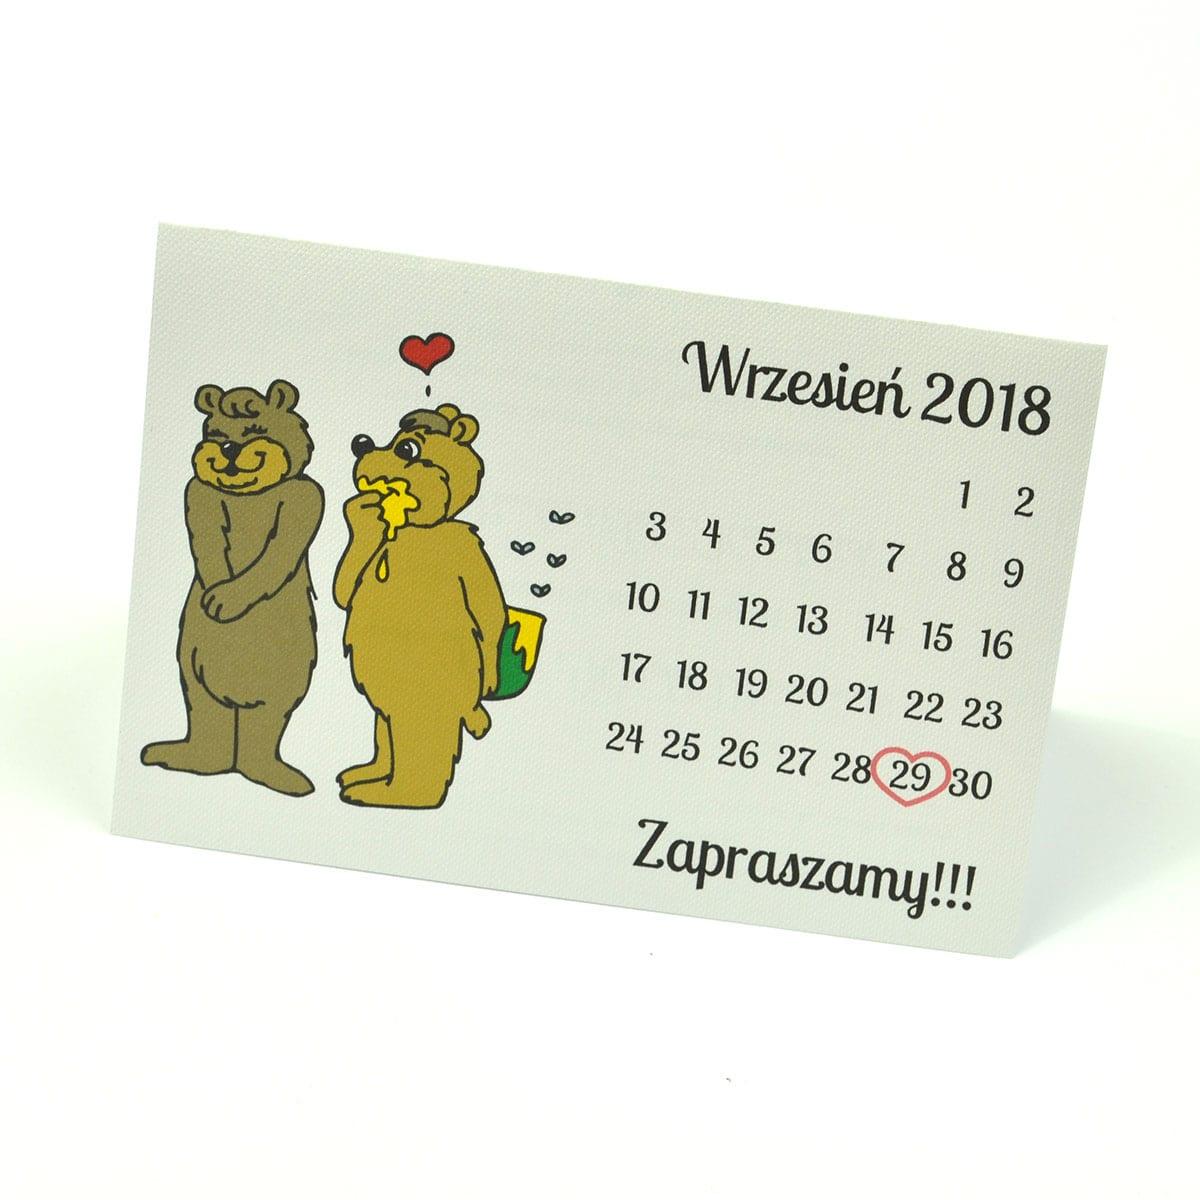 Klasyczne zaproszenia ślubne z humorystycznym obrazkiem przedstawiającym dwa niedźwiadki oraz kartkę z kalendarza z zaznaczoną datą ślubu. ZAP-56-06